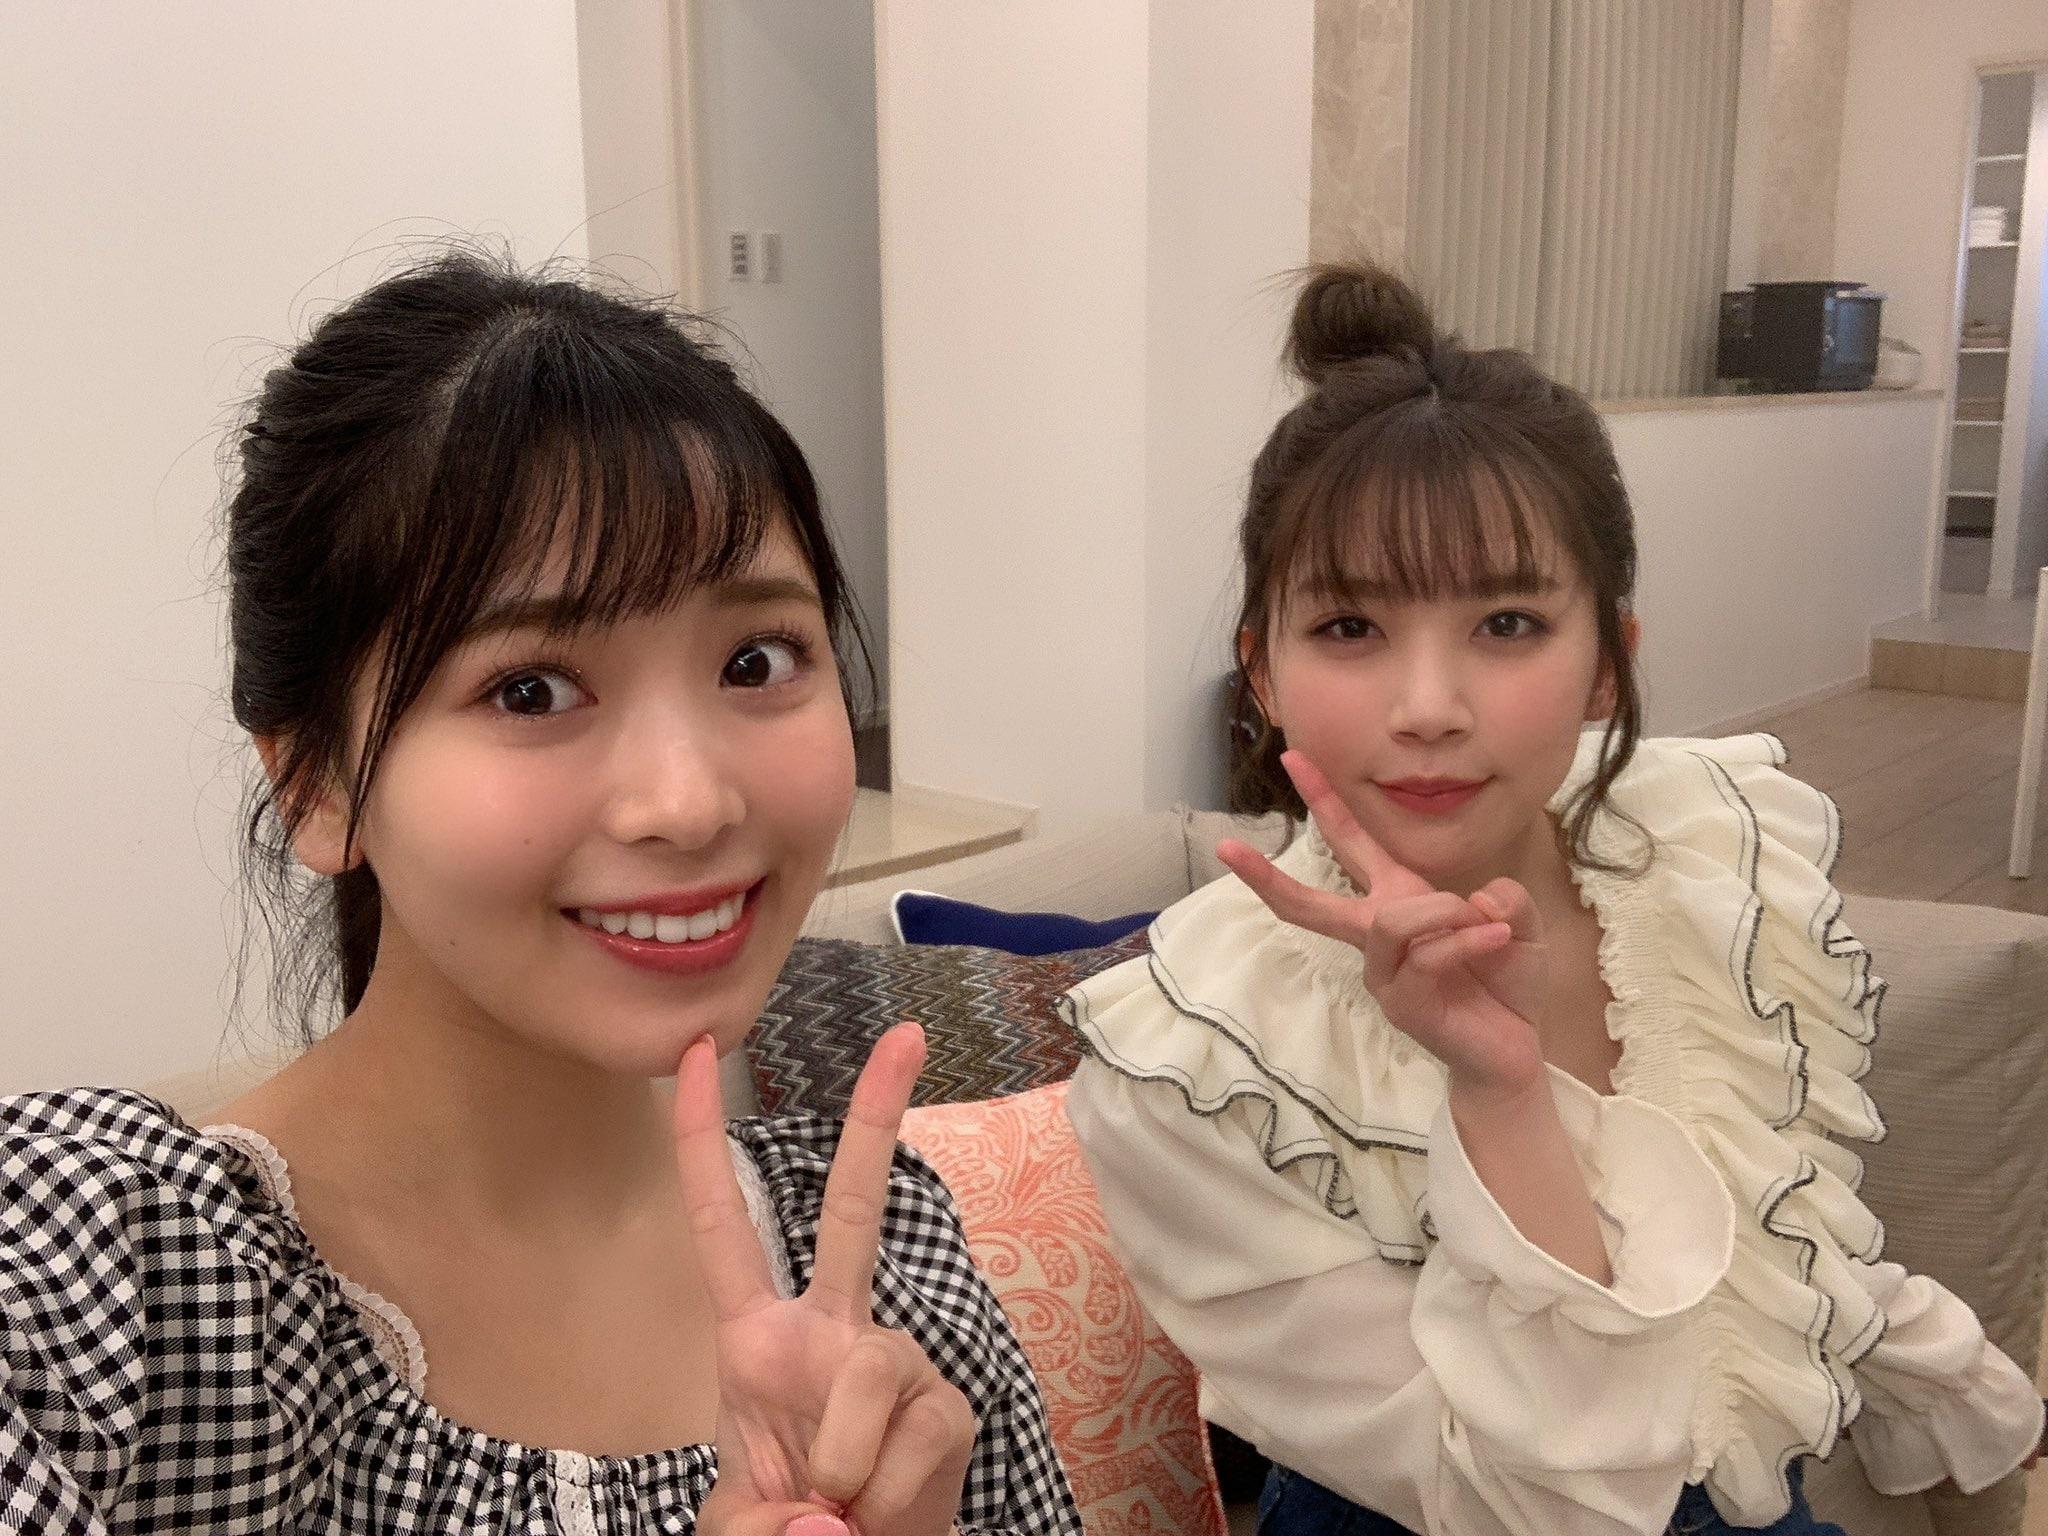 NGT48奈良未遥「嬉しすぎる組み合わせ…」NMB48安田桃寧とビキニで仲良くツーショット【画像3枚】の画像003